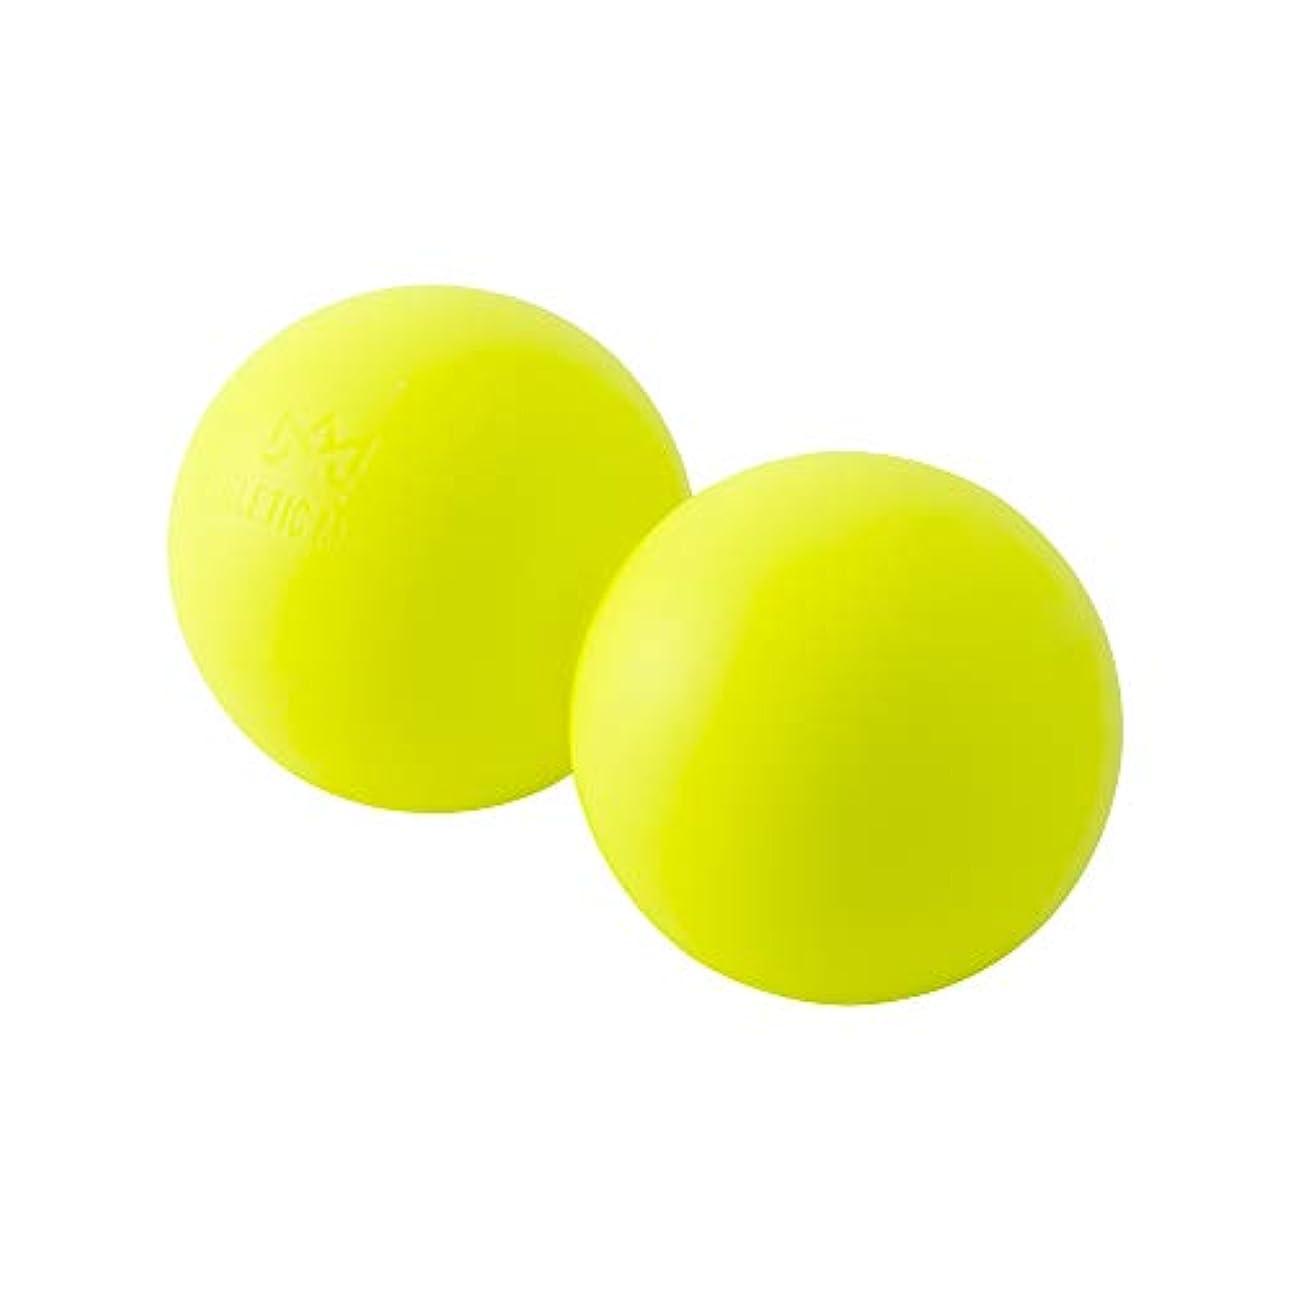 不快なブラウザ不安定ATHLETIC MART ピーナッツ型ストレッチボール マッサージボール ラクロスボール2個サイズ ツボ押し (蛍光イエロー)